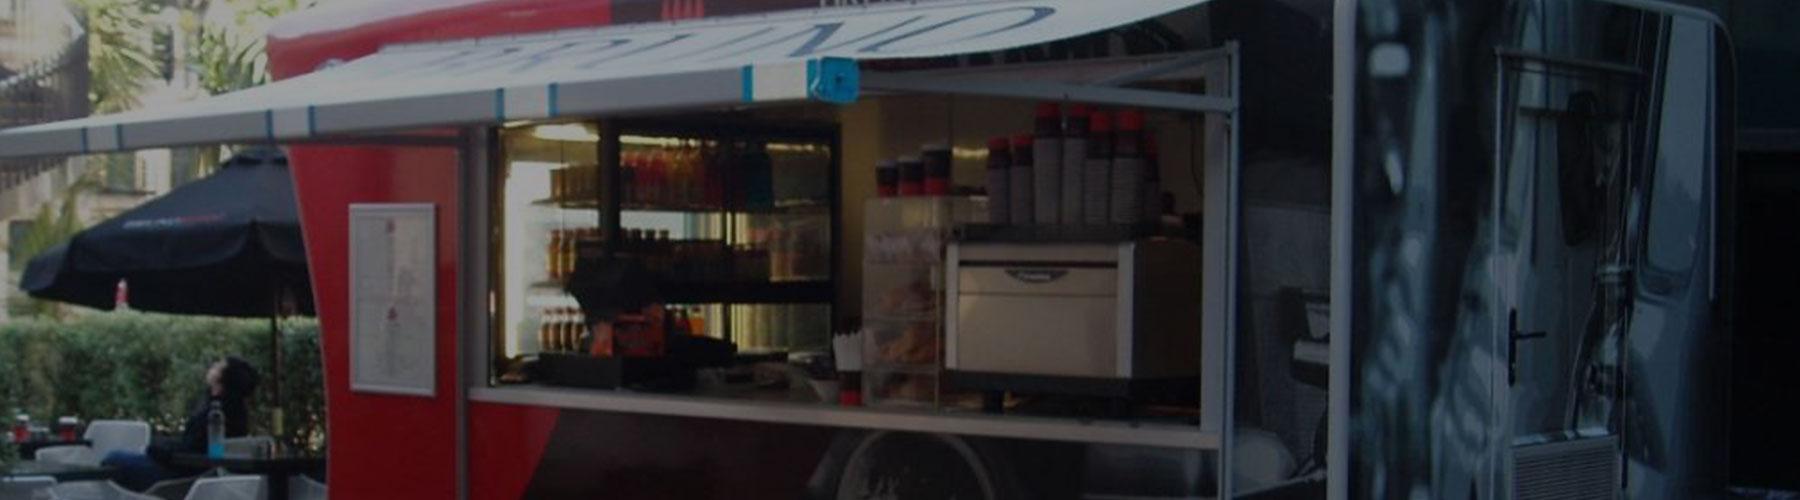 Custom Food Trailers